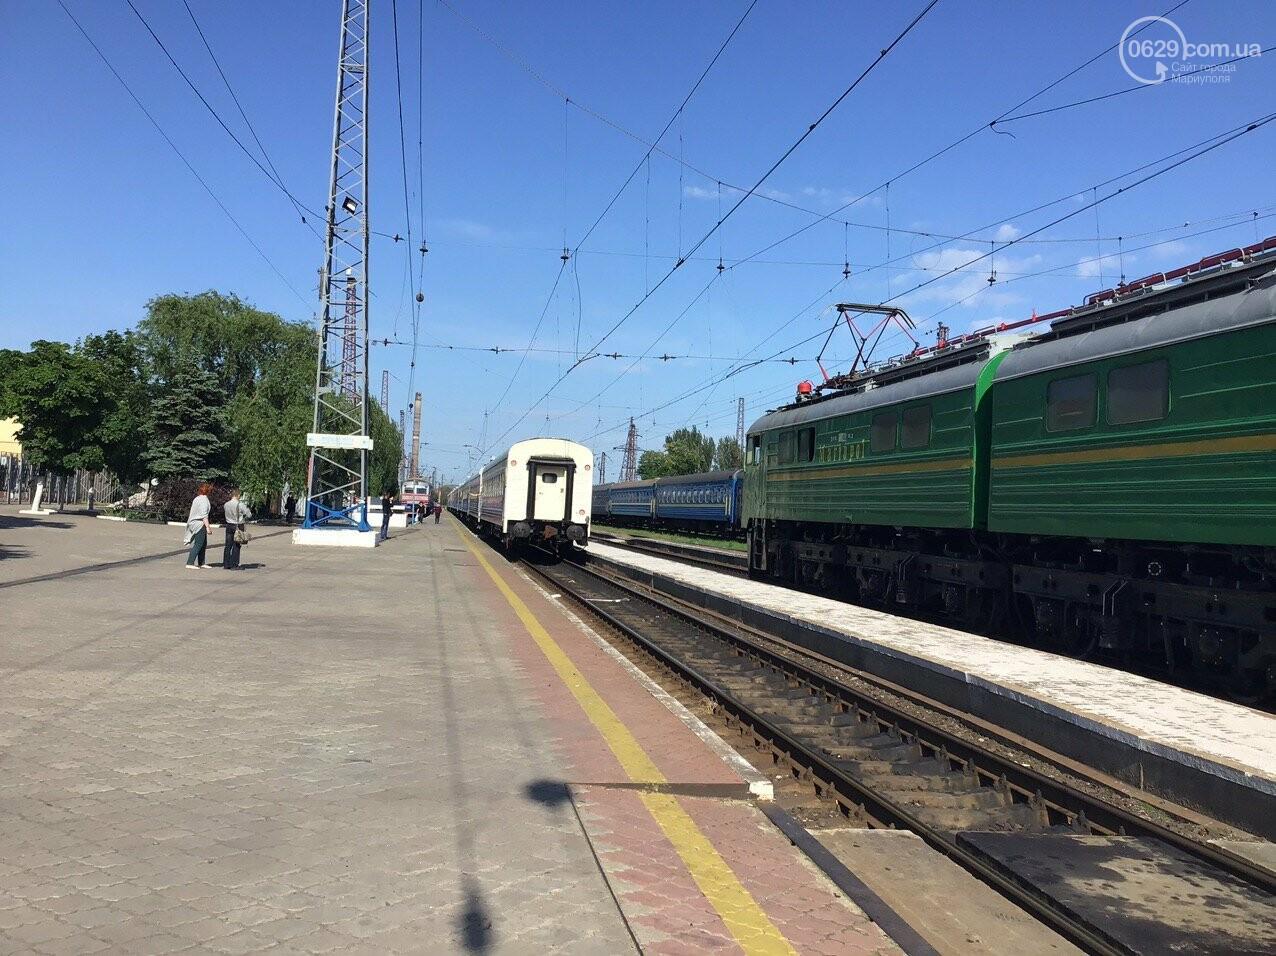 Из Мариуполя отправился первый поезд в Киев, - ФОТОРЕПОРТАЖ, ВИДЕО, фото-12